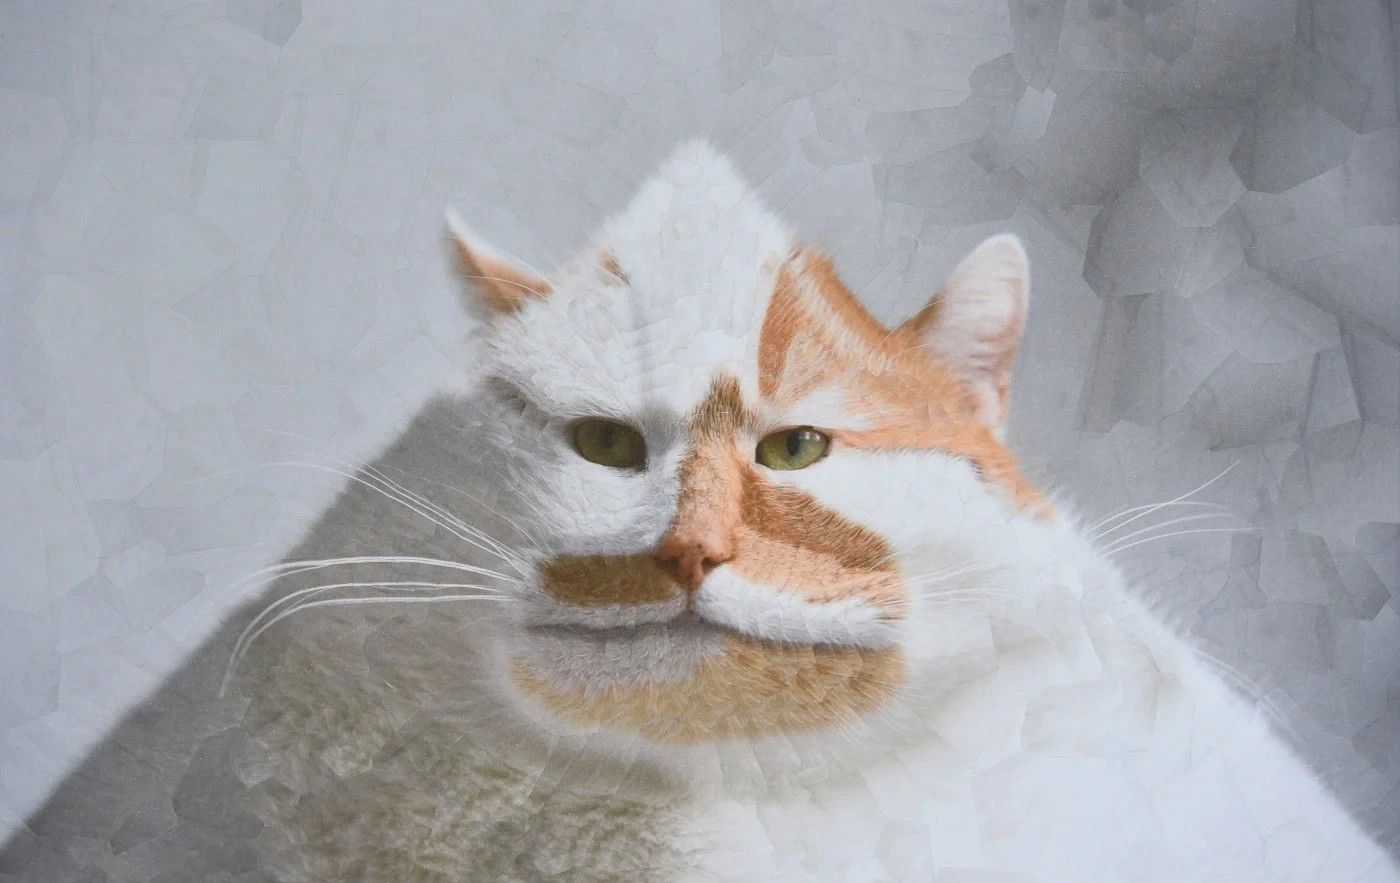 英国艺术家创作的扭曲拼贴画猫的肖像